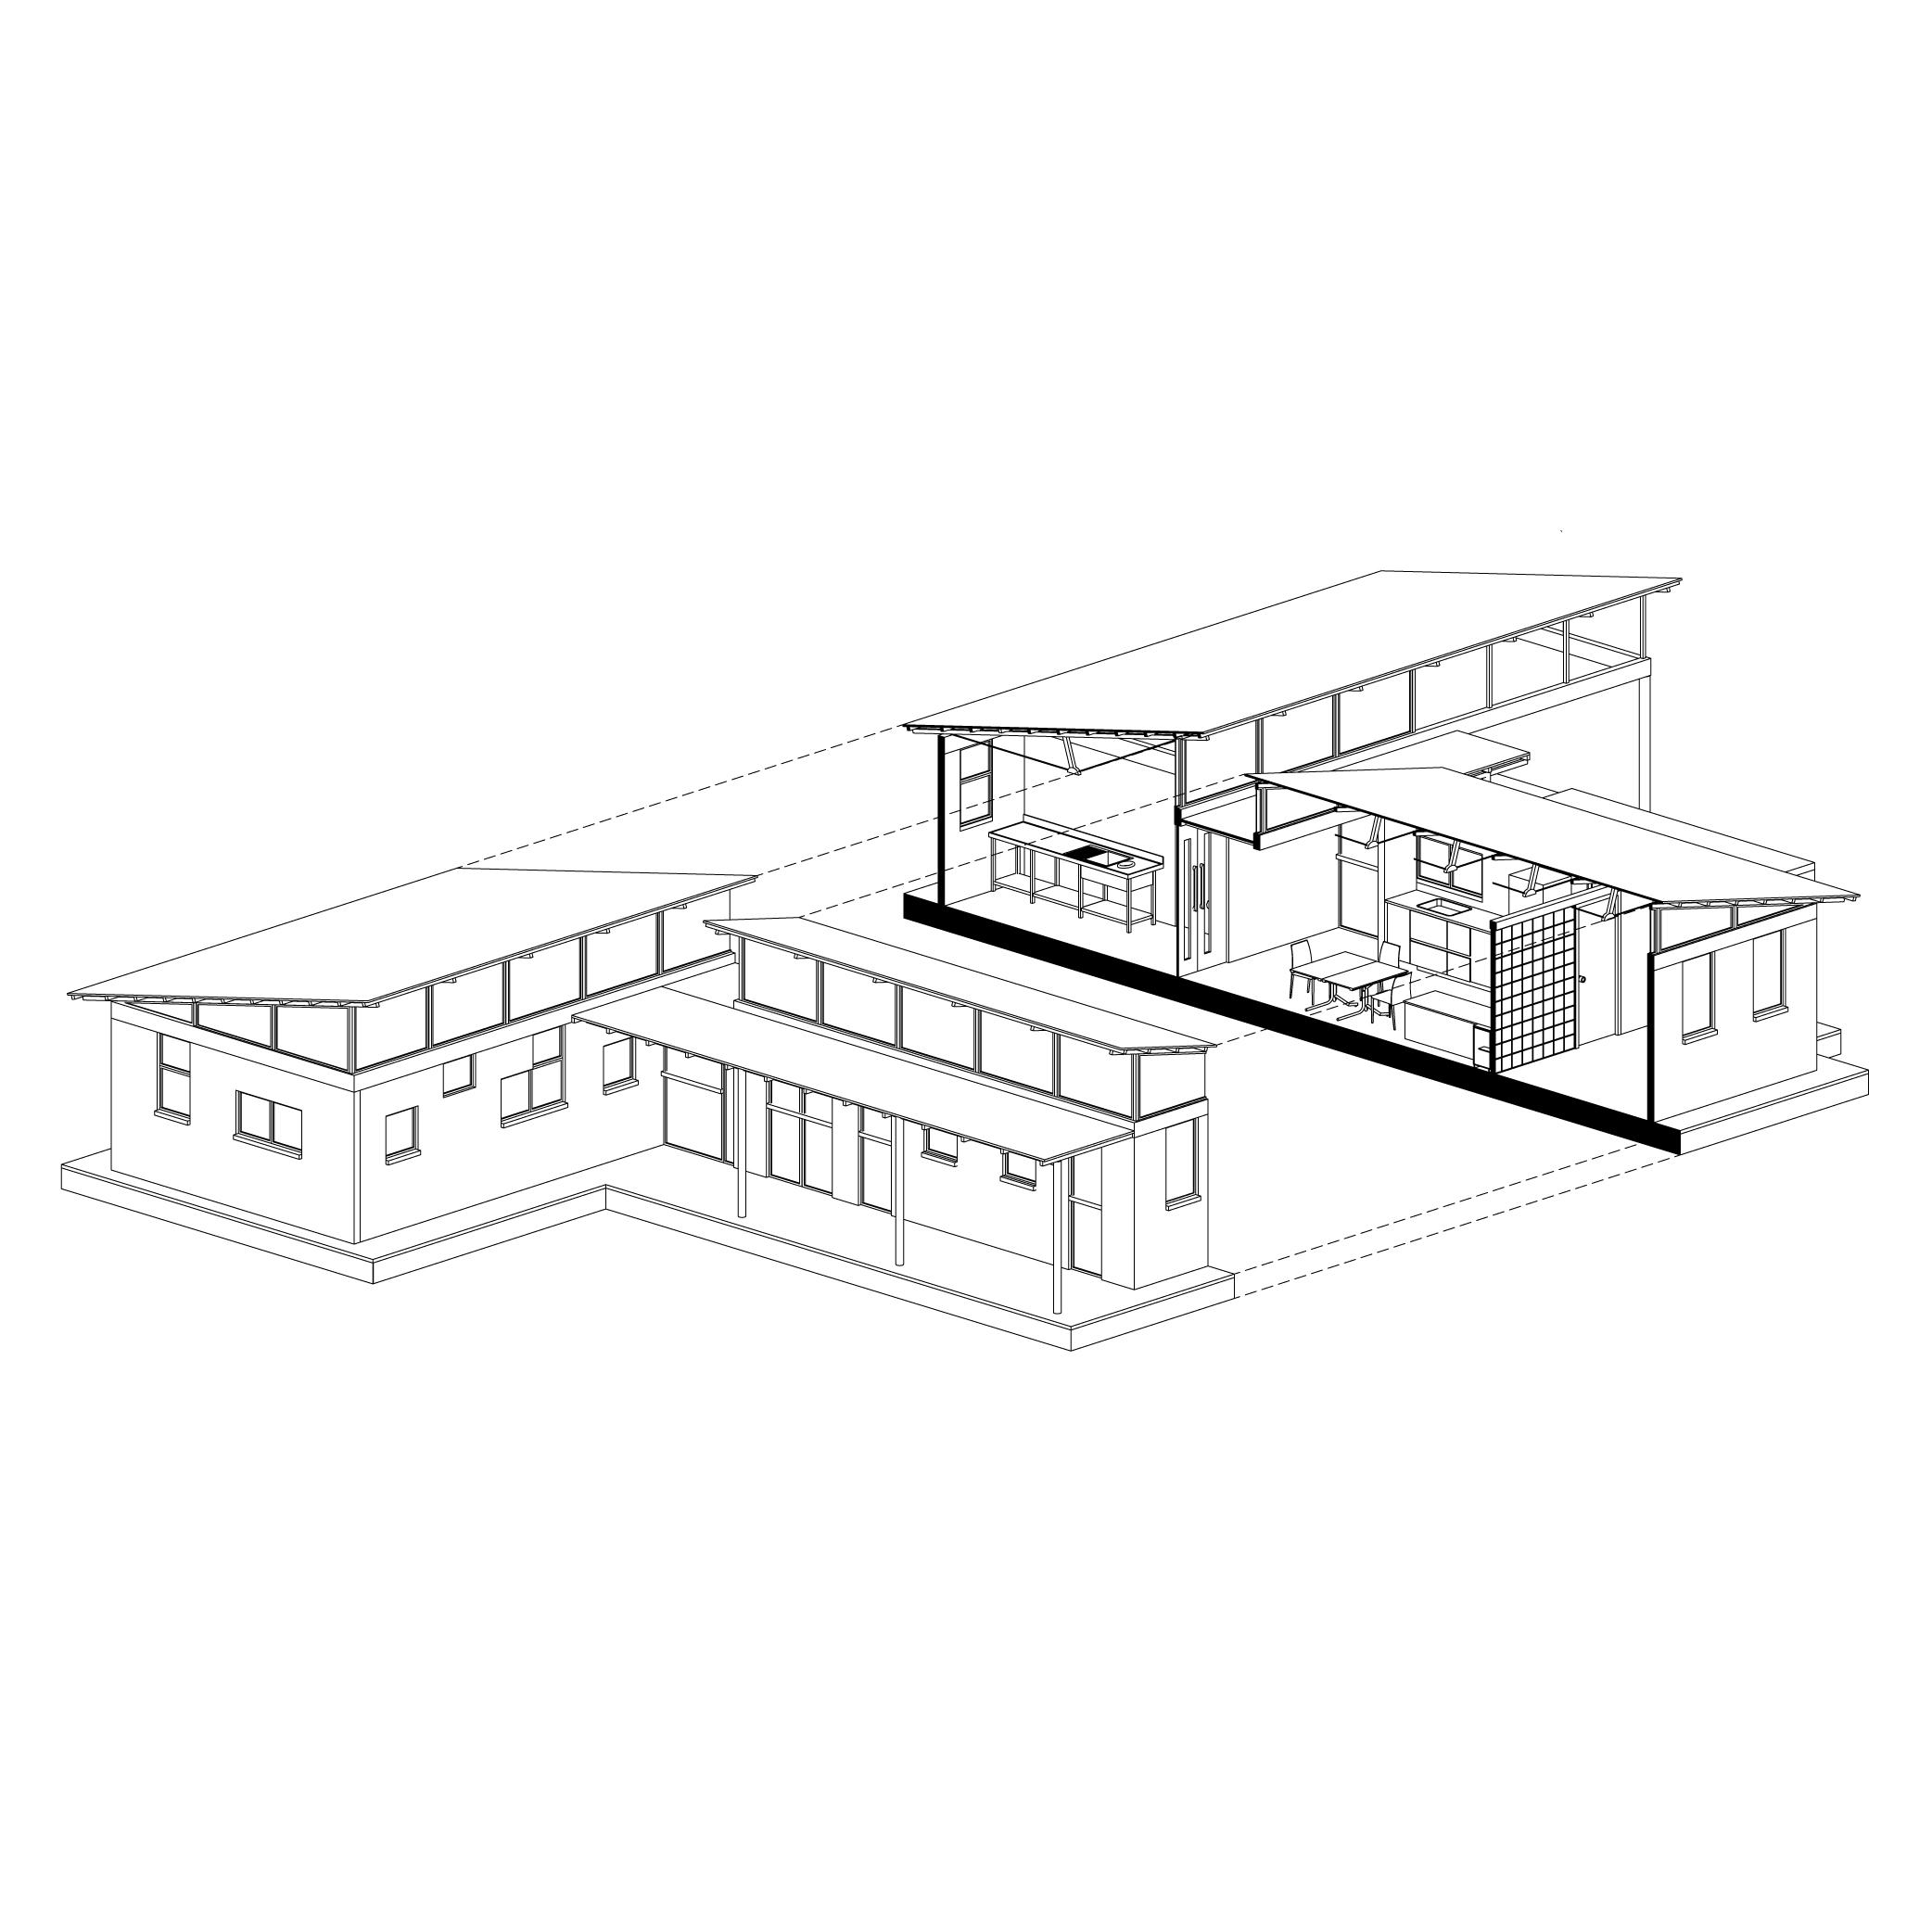 Ensamble_AI_Arquitectos_Bogotá_Fabrica_P